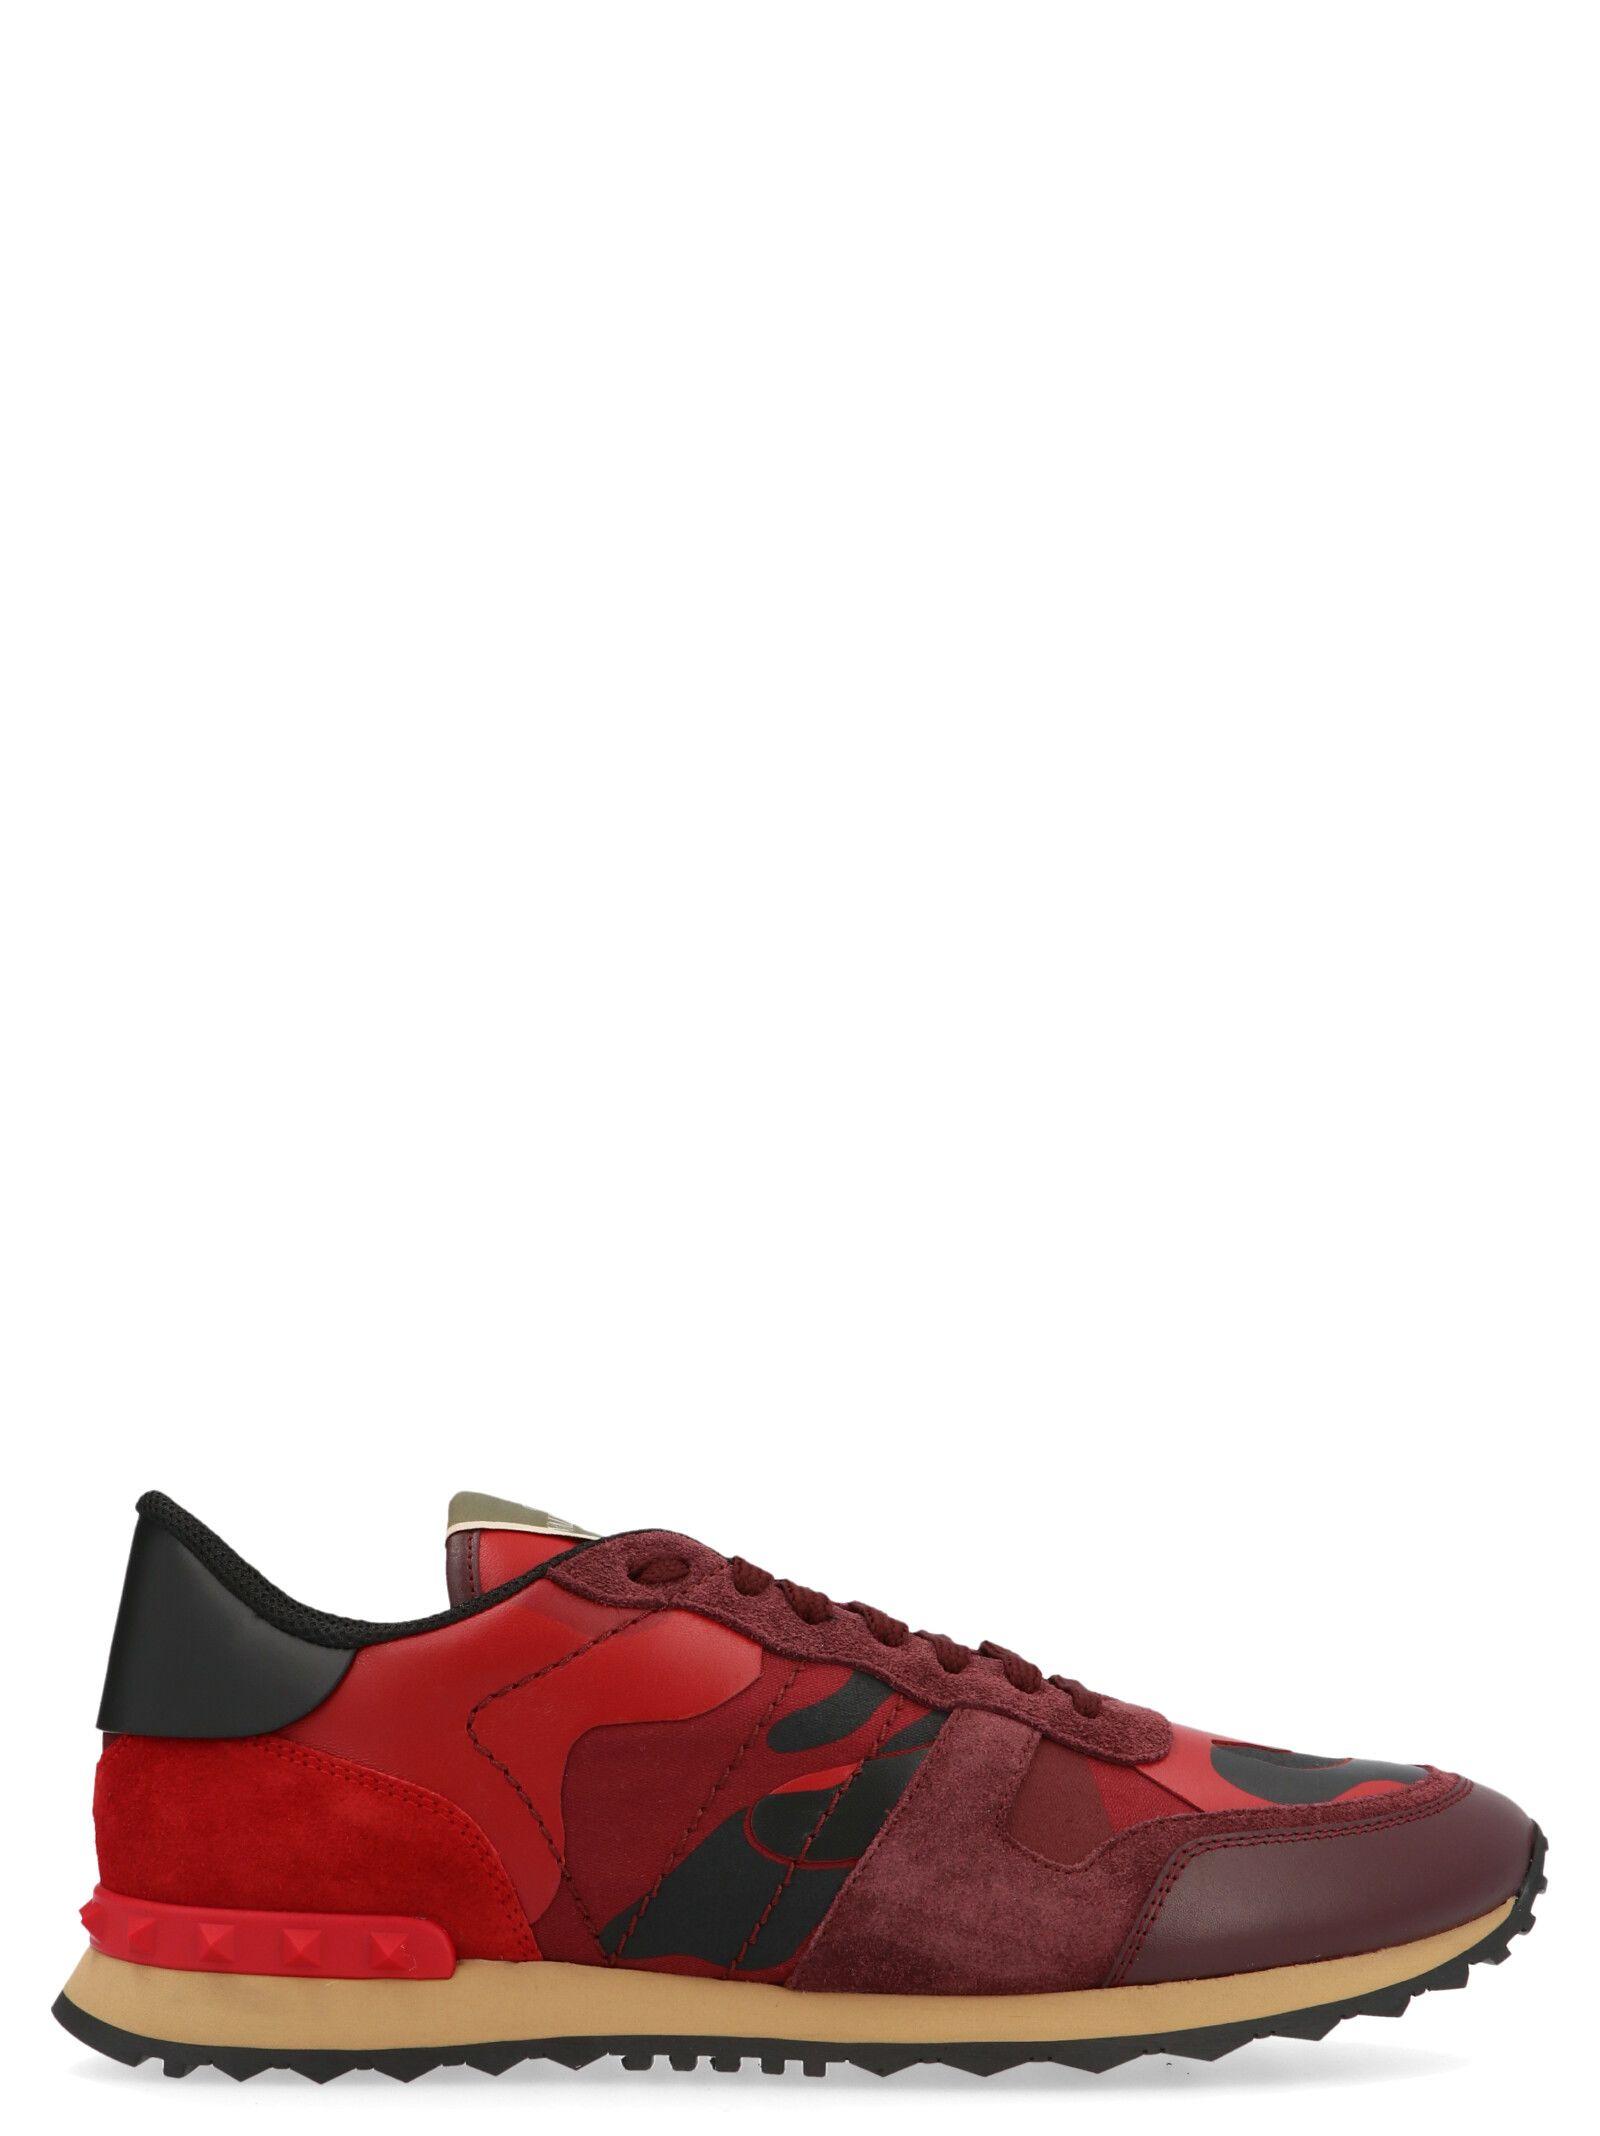 e7303da4aeeb5 Valentino Garavani Valentino Garavani 'rockrunner' Shoes - Red ...